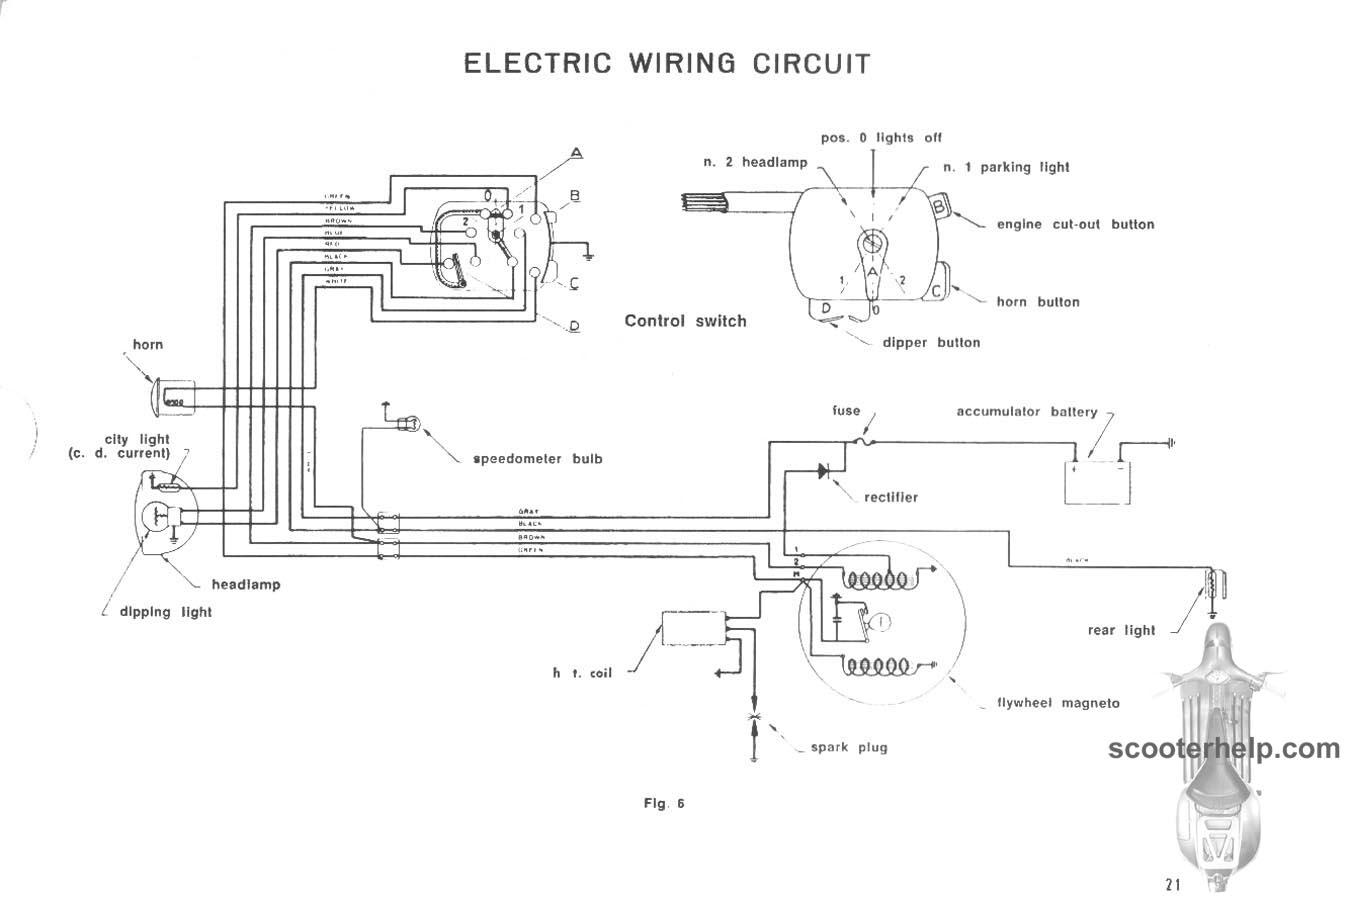 Hard Start Wiring Diagram For Goodman Free Download Wiring Diagram